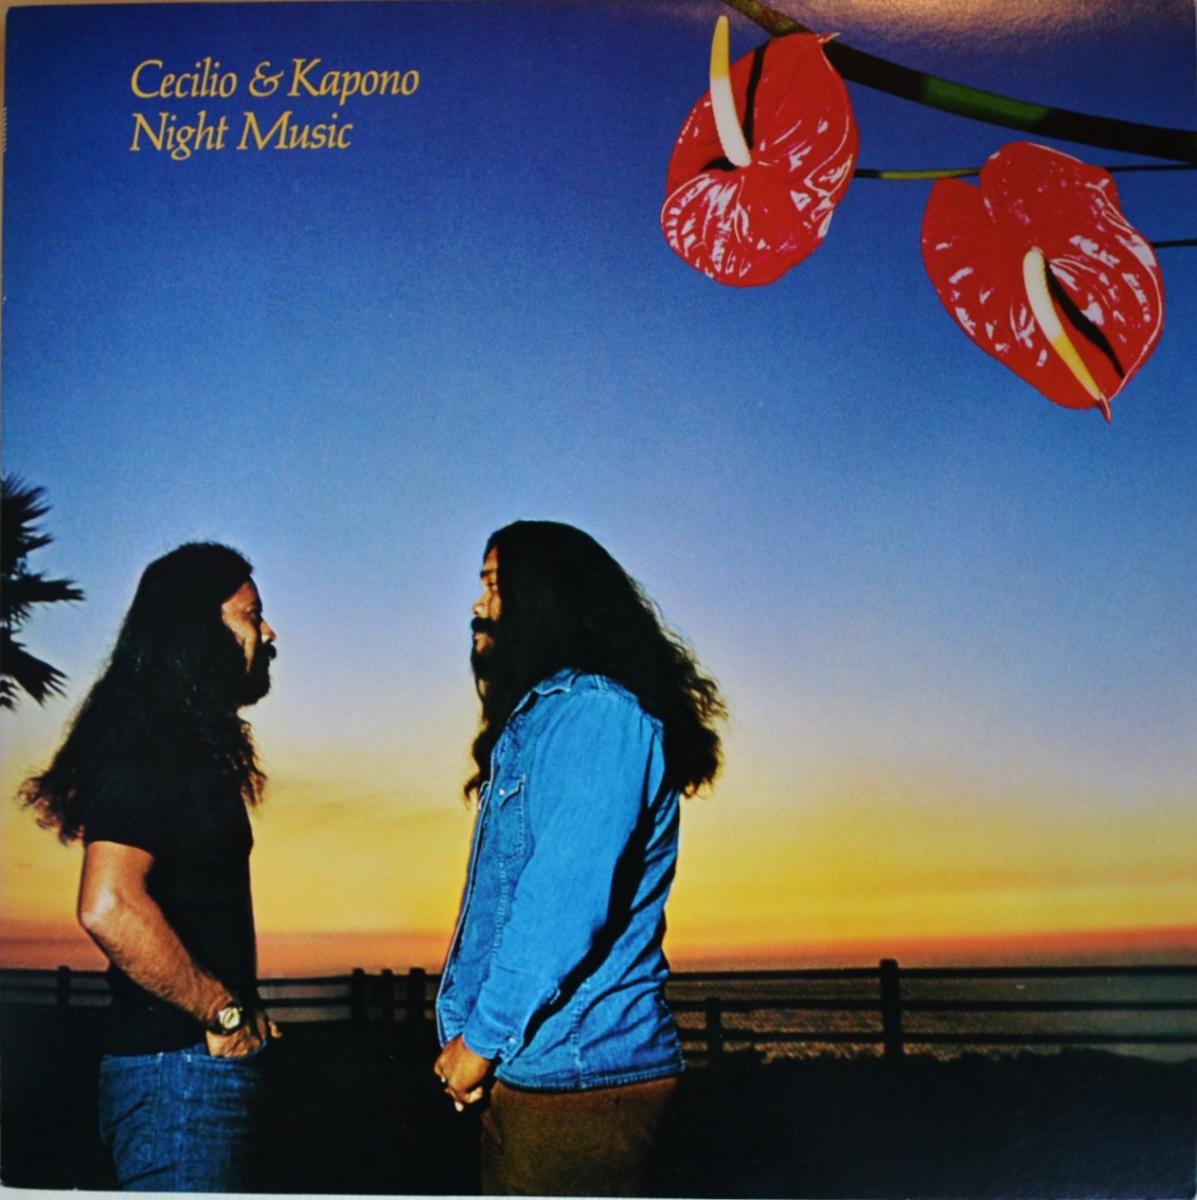 セシリオ & カポノ CECILIO & KAPONO / ナイト・ミュージック NIGHT MUSIC (LP)